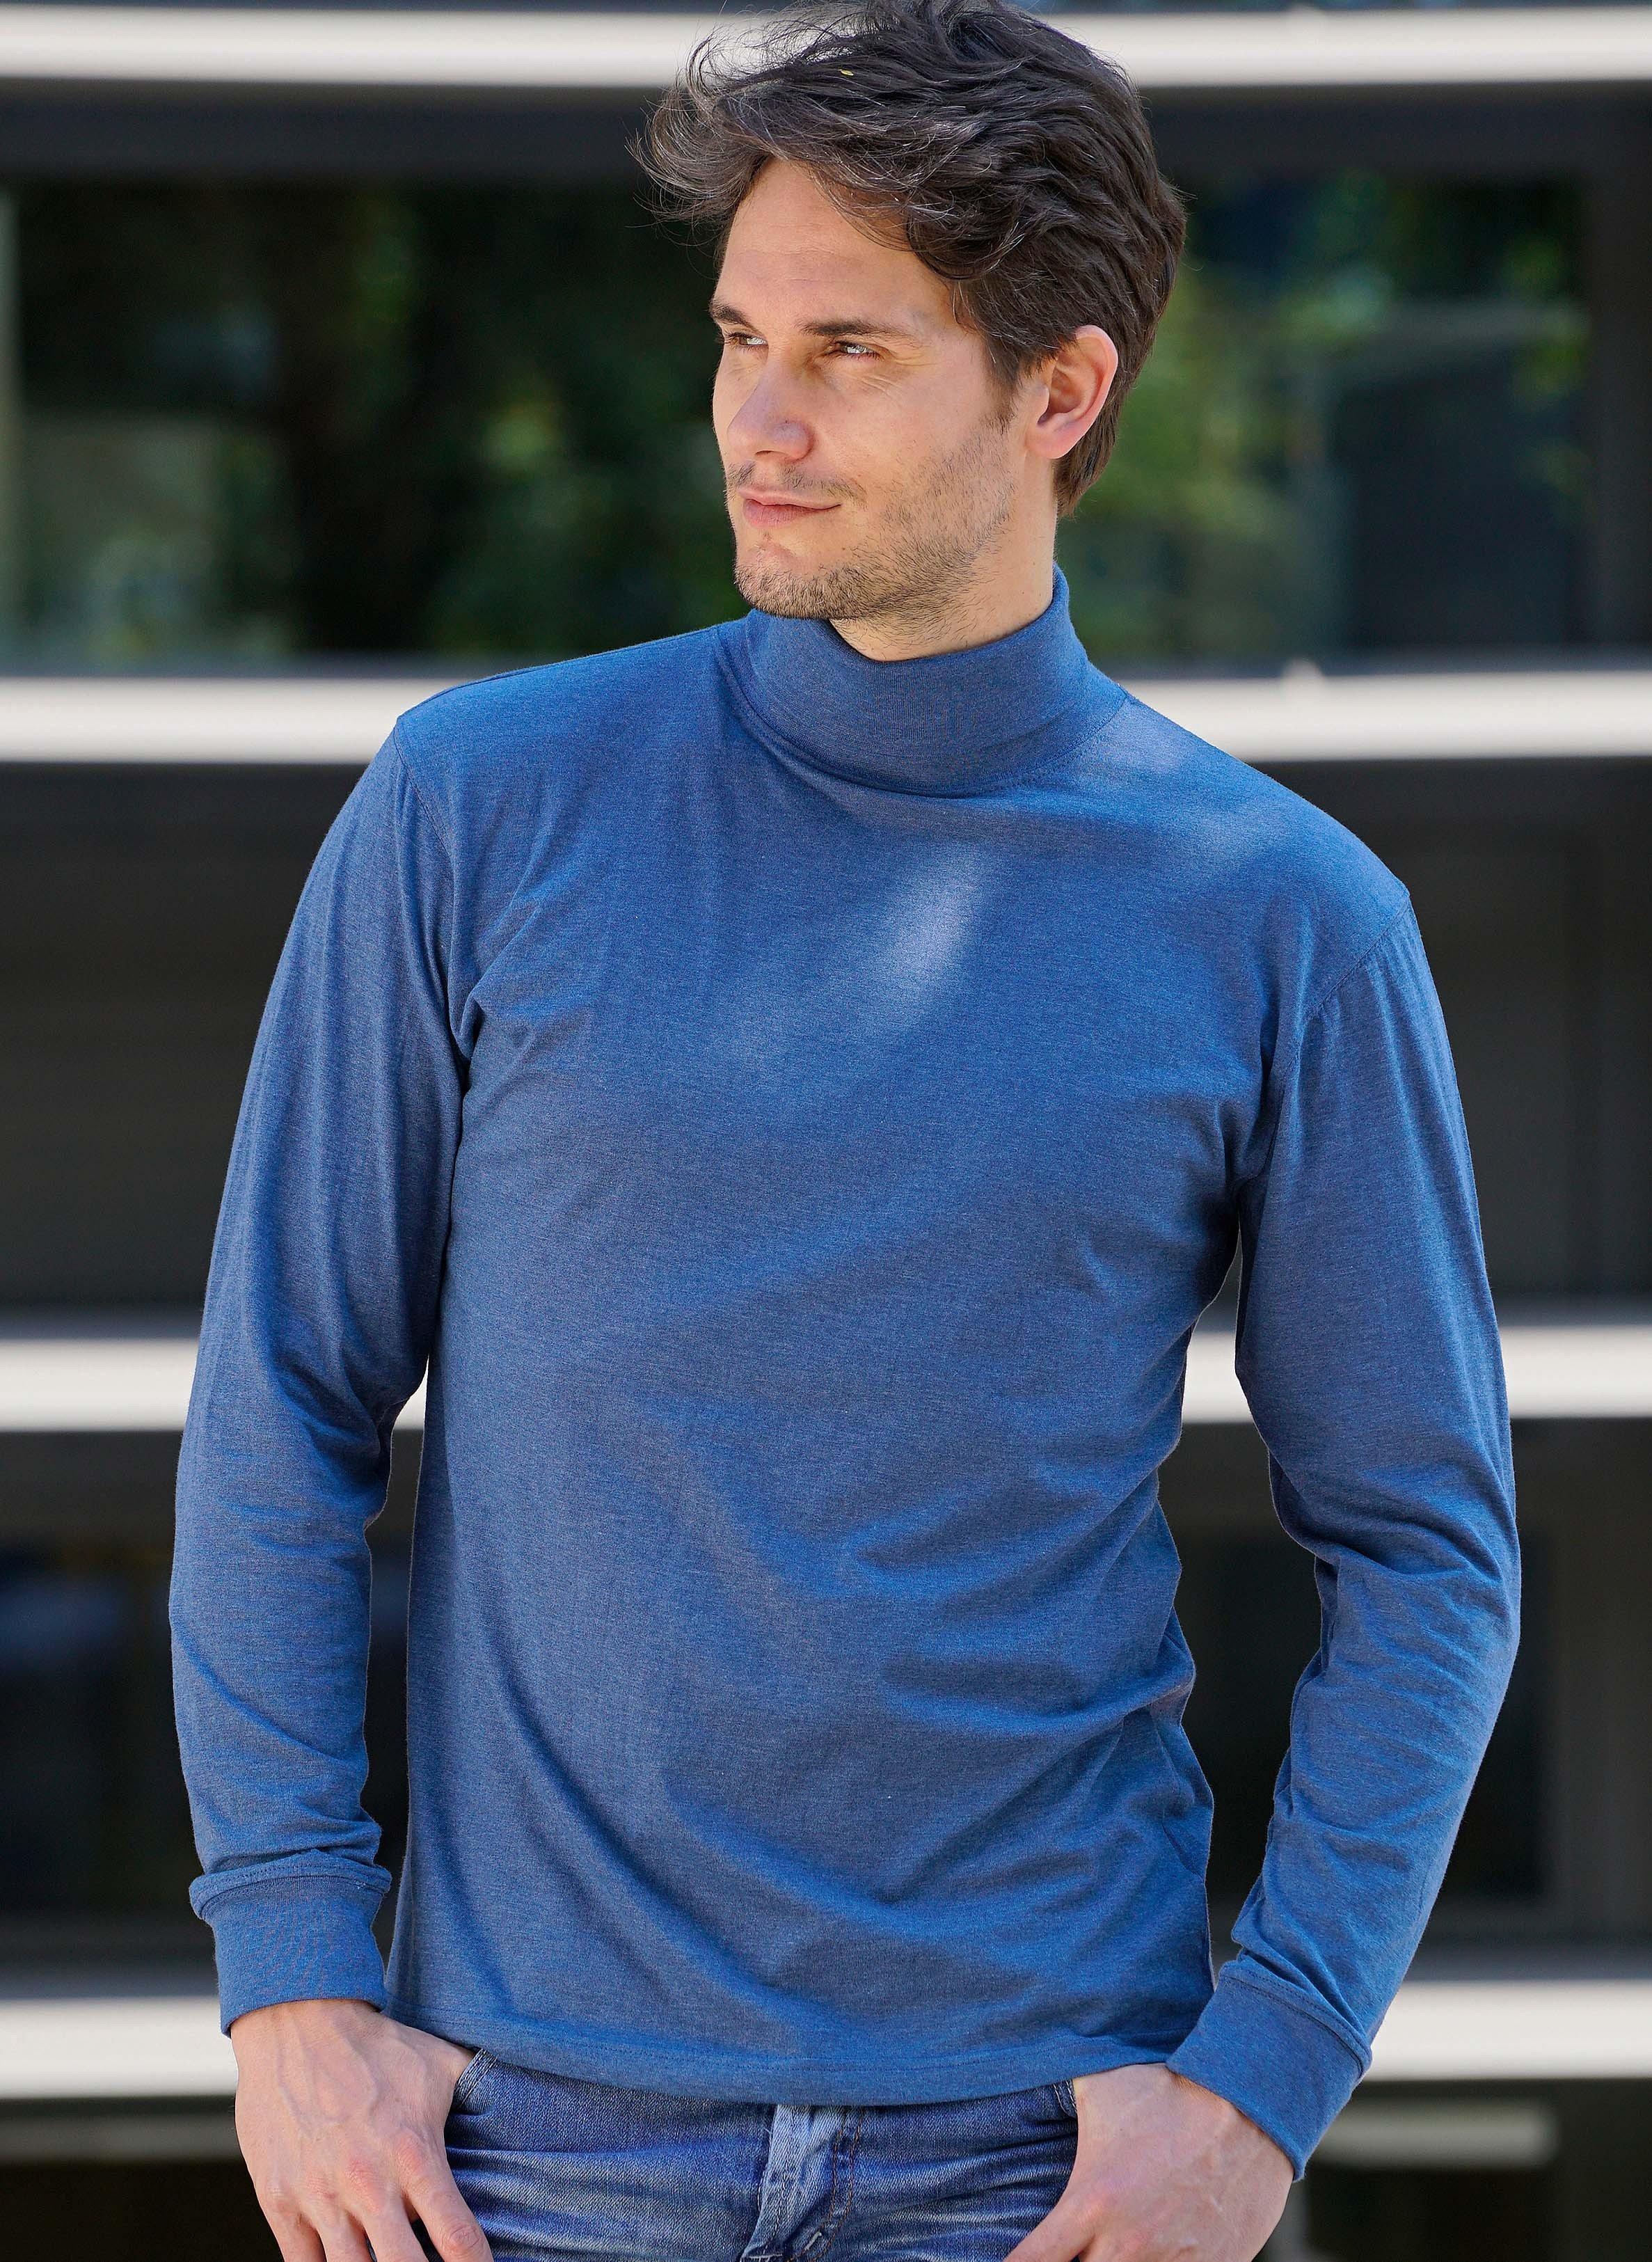 H-LA-Rolli-Shirt-indigo mel. L 366 - 1 - Ronja.ch